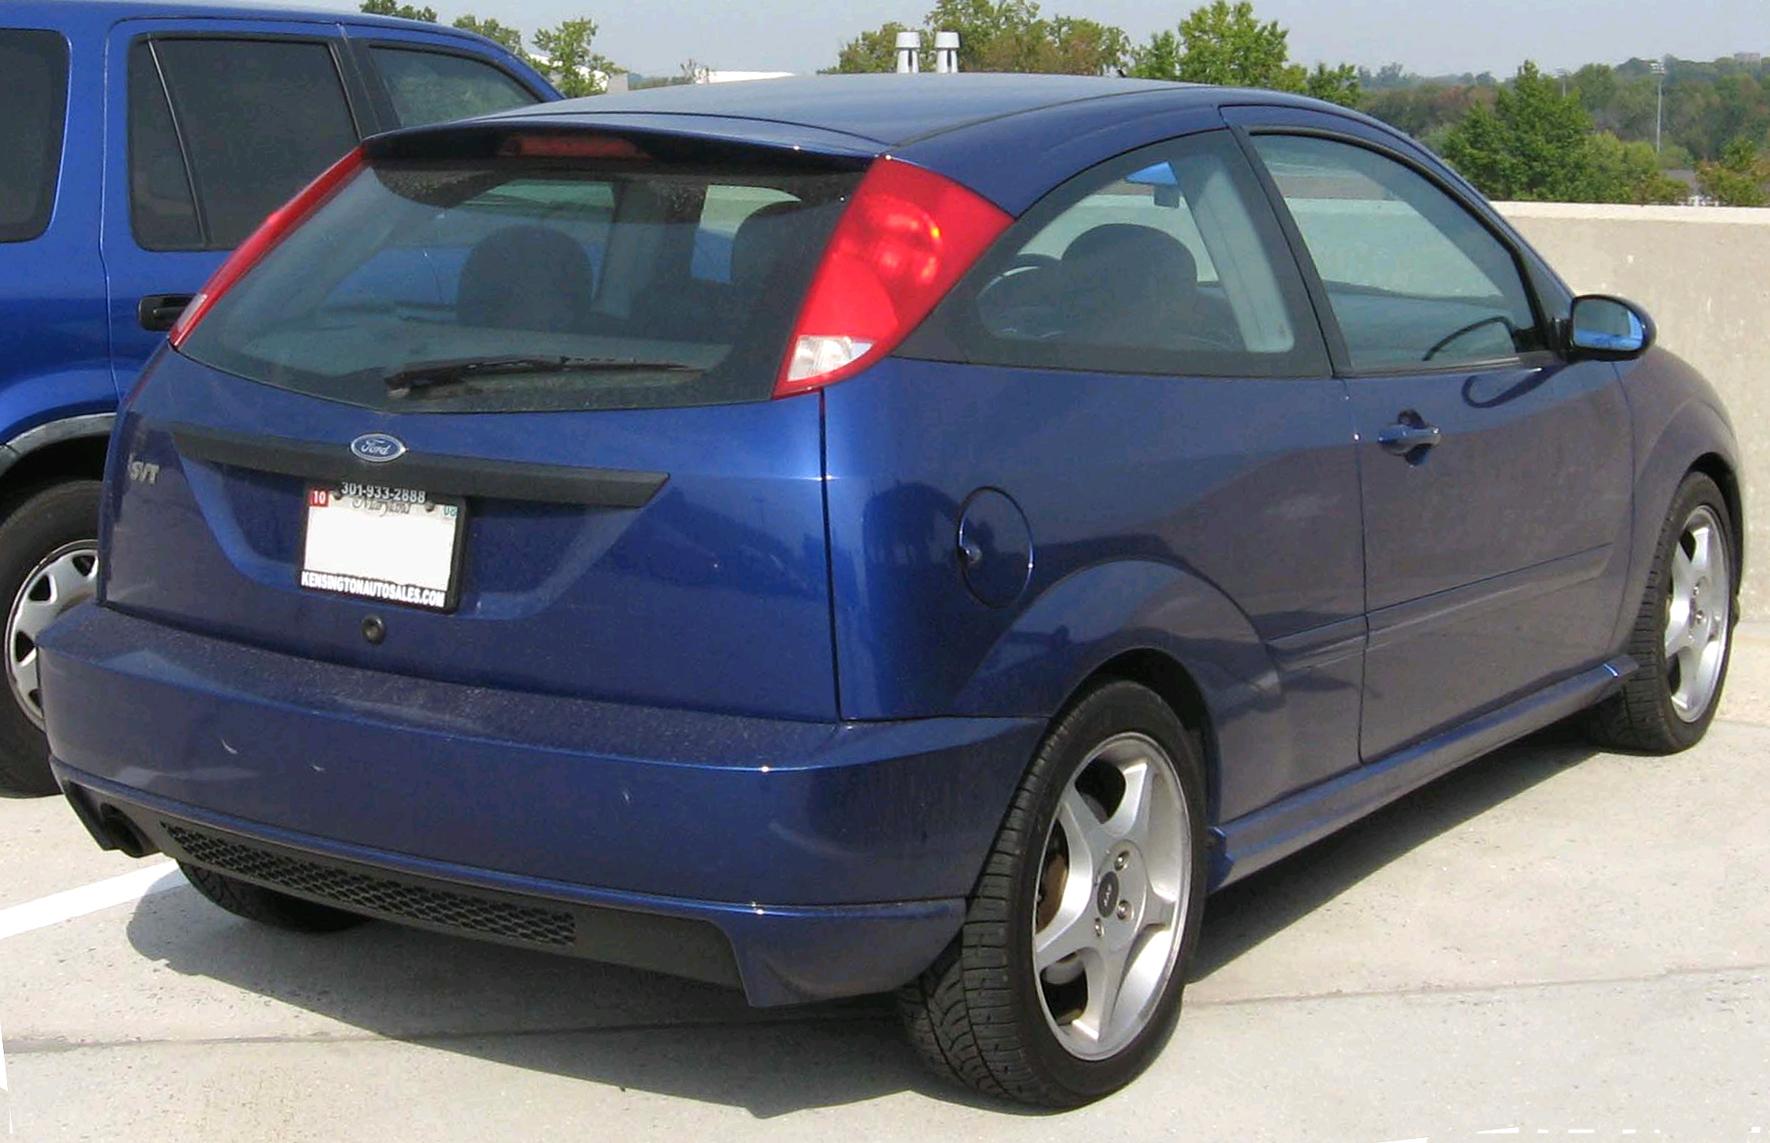 File:Ford-SVT-Focus.jpg